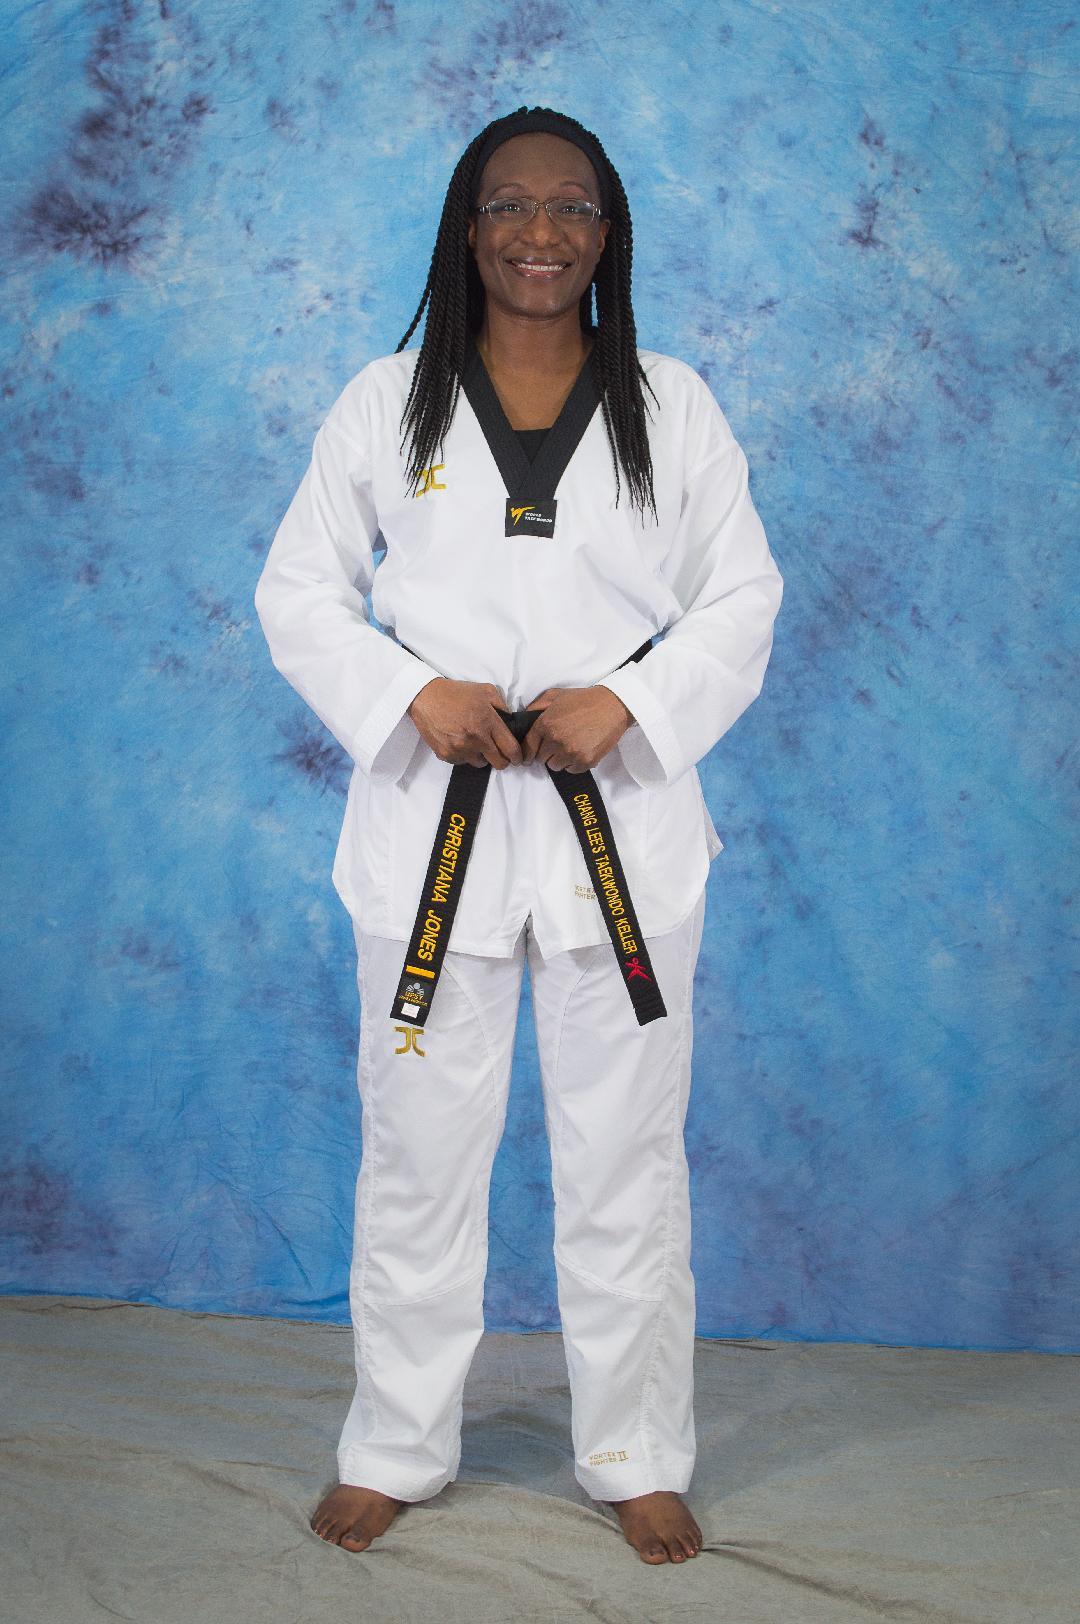 Taekwondo 1st Dan